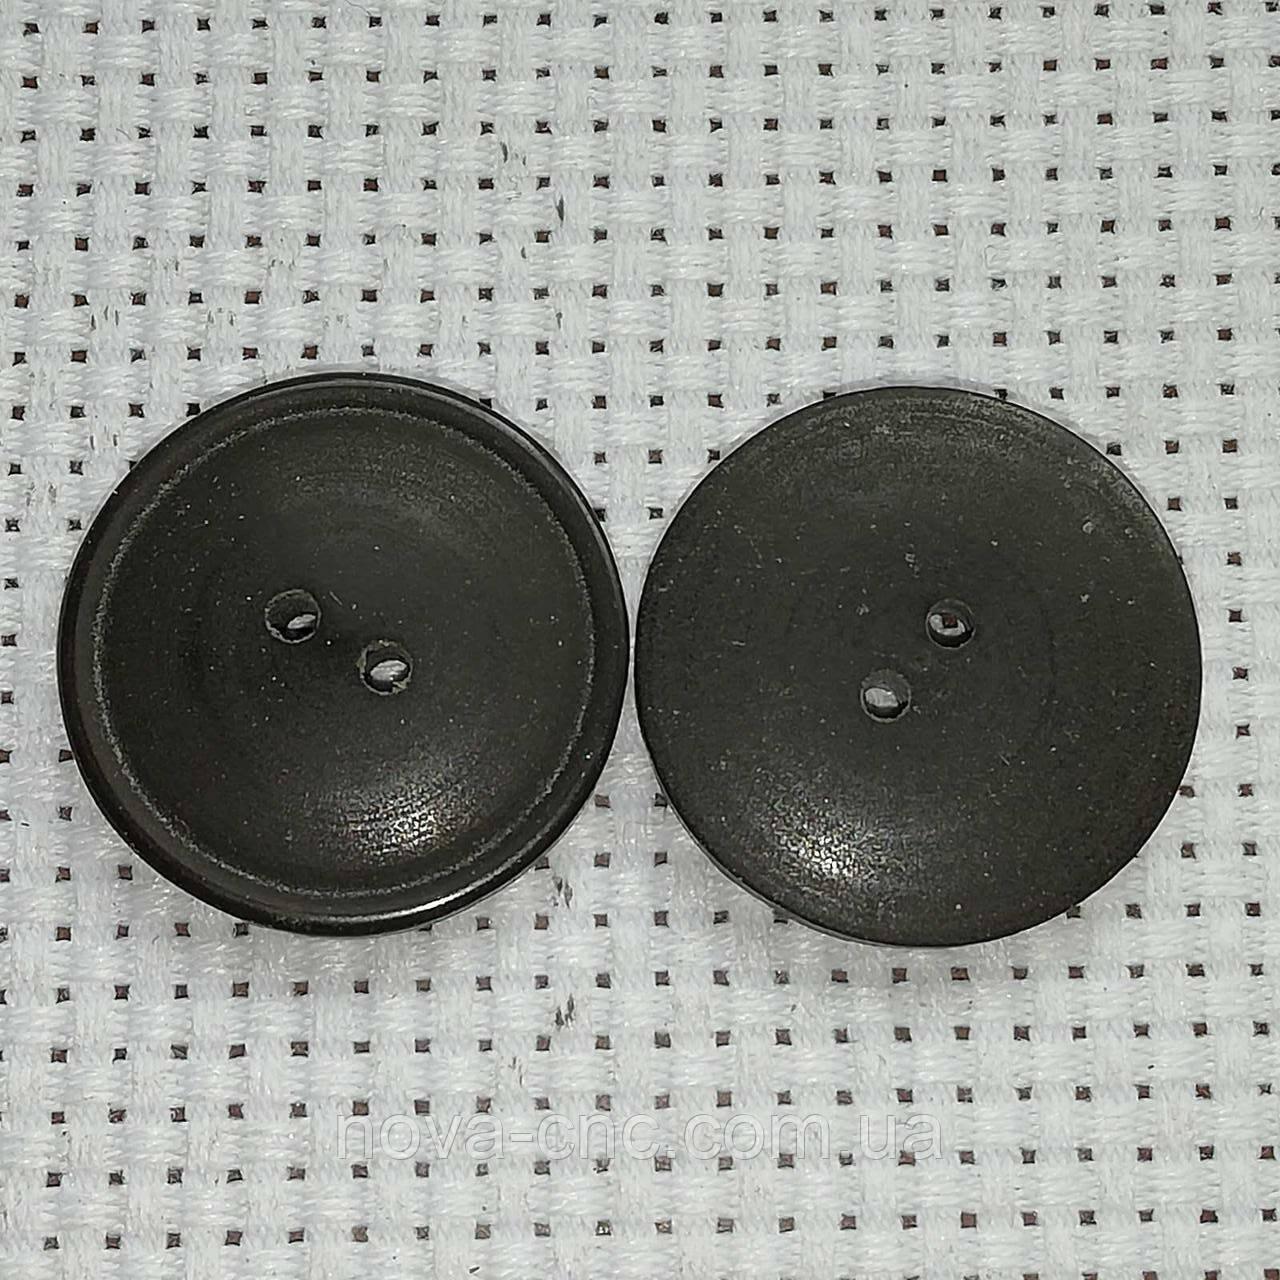 Пуговицы  пластмассовые 22 мм Цвет коричнево-черный Упаковка 440 штук